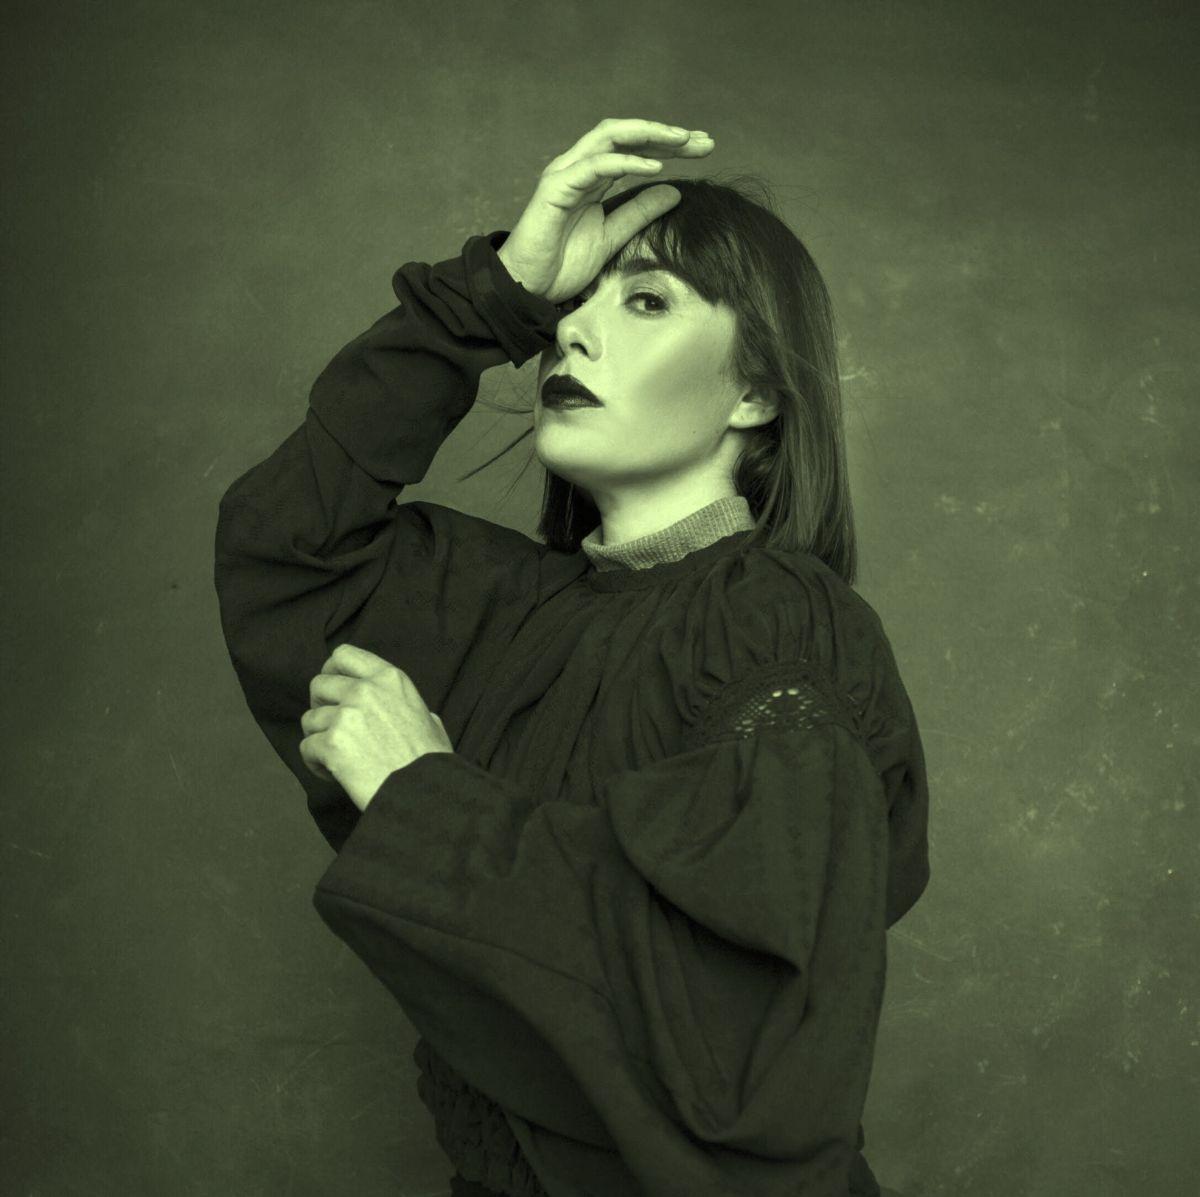 """test Twitter Media - La artista chilena Maler muestra atisbos de su nueva búsqueda musical con """"Mi Culpa"""", su más reciente single y videolyric 🎵. La canción es una pincelada de lo que será este año su nueva producción de estudio 💿. Escúchala aquí 🎤 -> https://t.co/sbTZQWQiaD https://t.co/FyK8AA2kQA"""